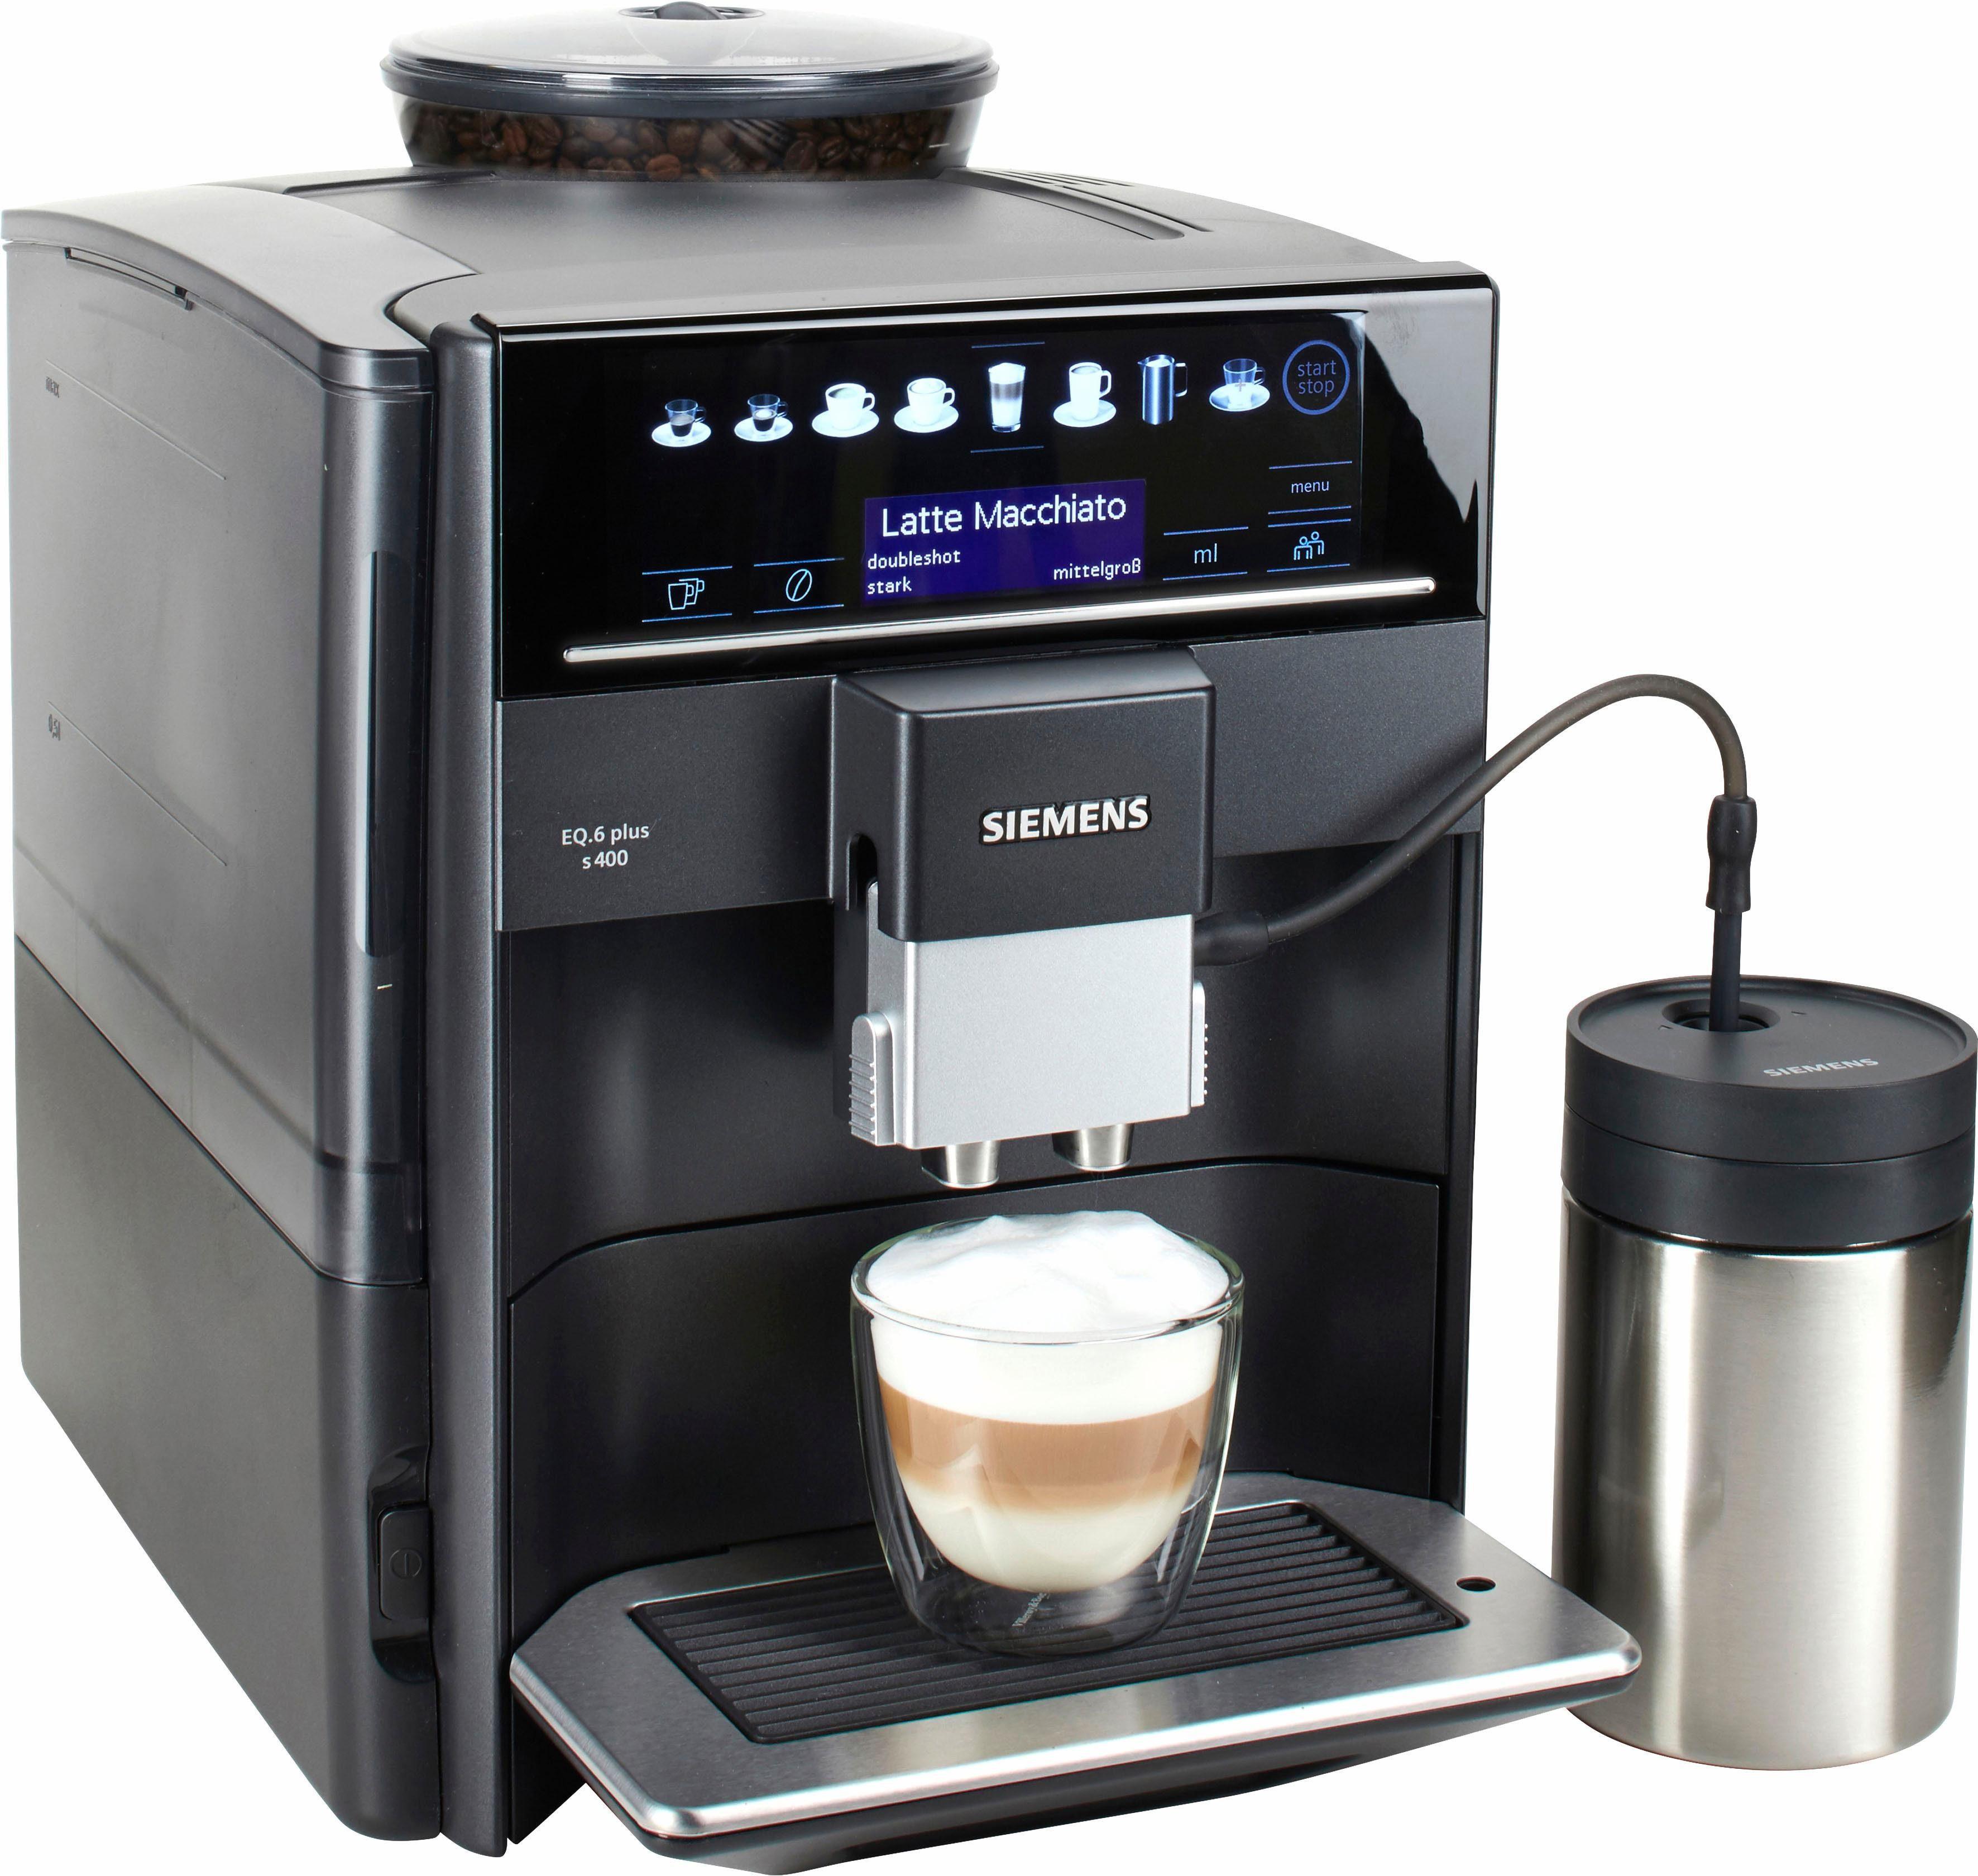 SIEMENS Kaffeevollautomat EQ.6 plus s400 TE654509DE, 1,7l Tank, Scheibenmahlwerk, mit Milchbehälter im Wert von UVP 49,90 €